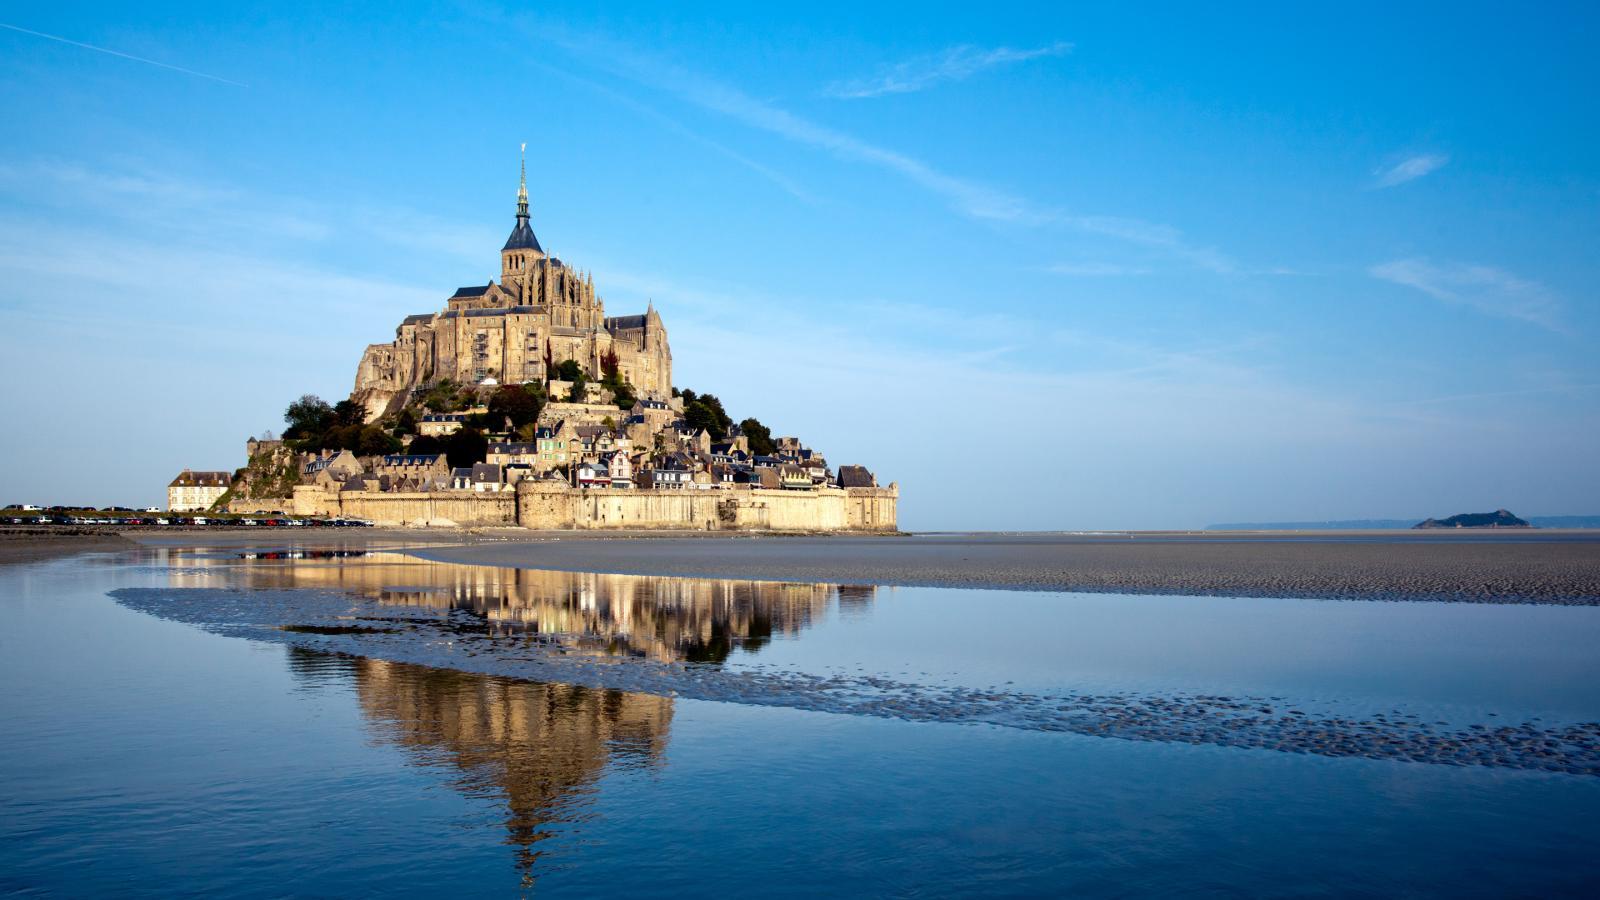 Image Abbaye du Mont-Saint-Michel